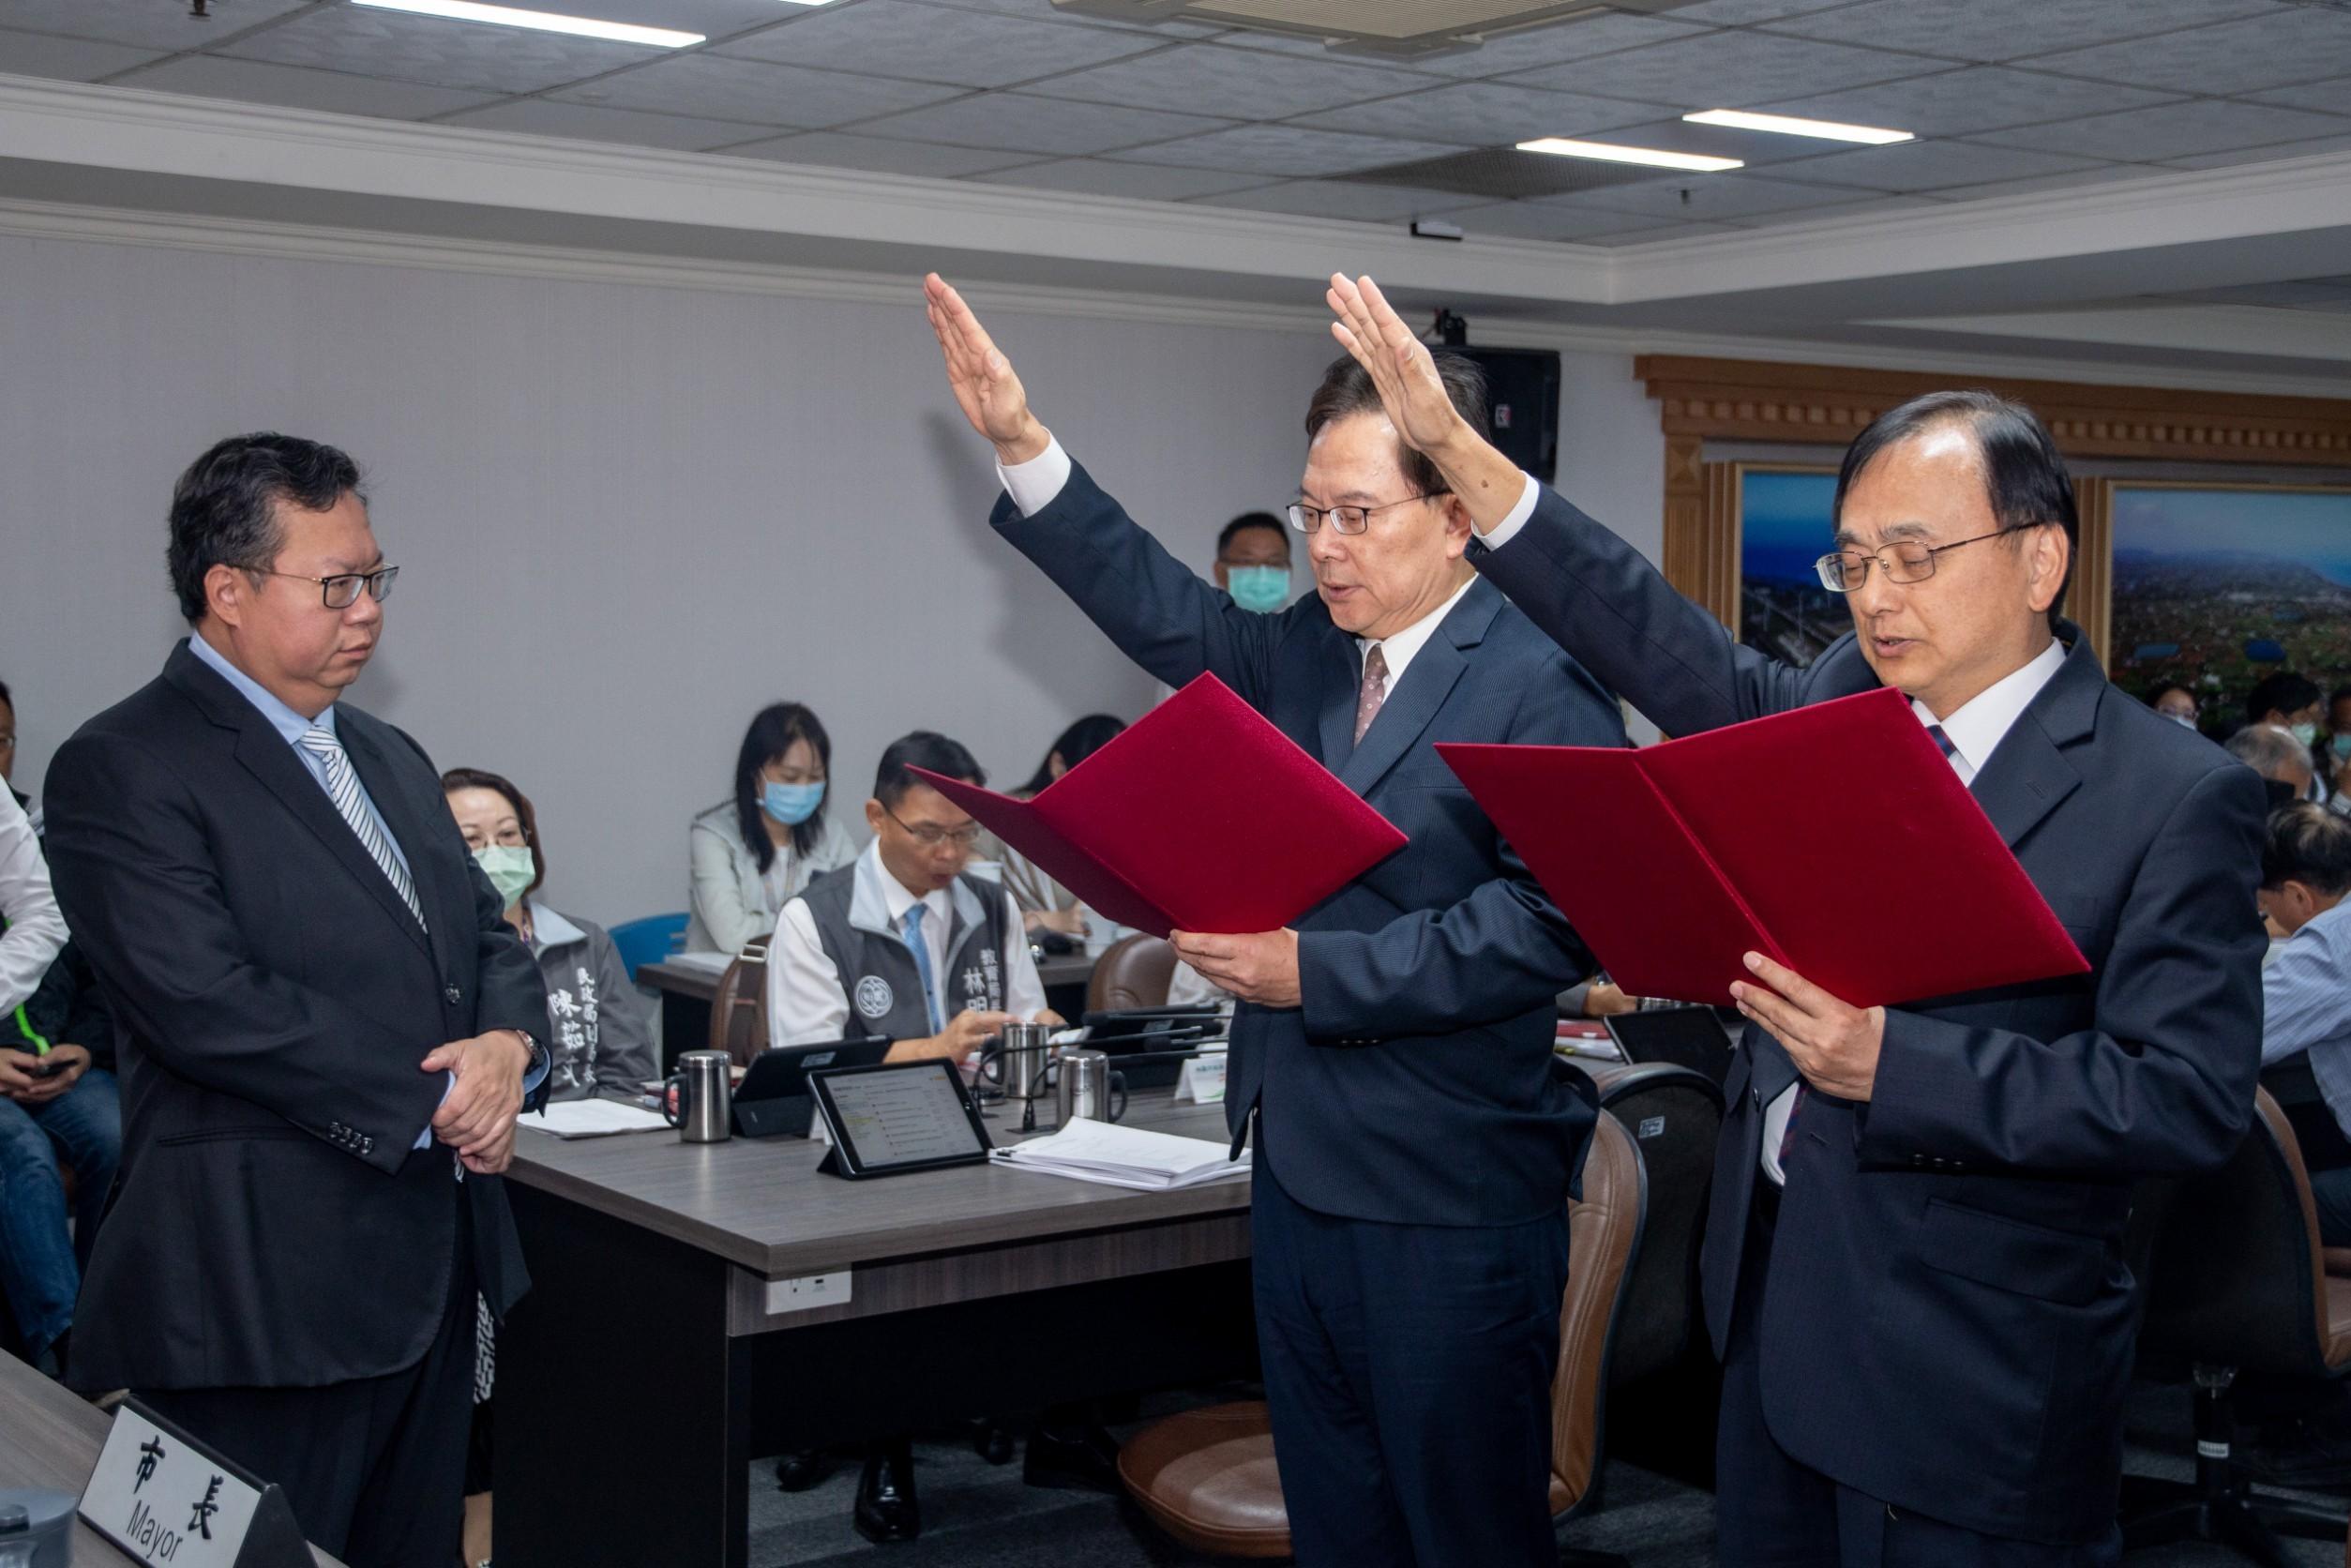 新任地政局長及航空城董事長聯合宣誓,鄭市長期許航空城開發業務無縫接軌